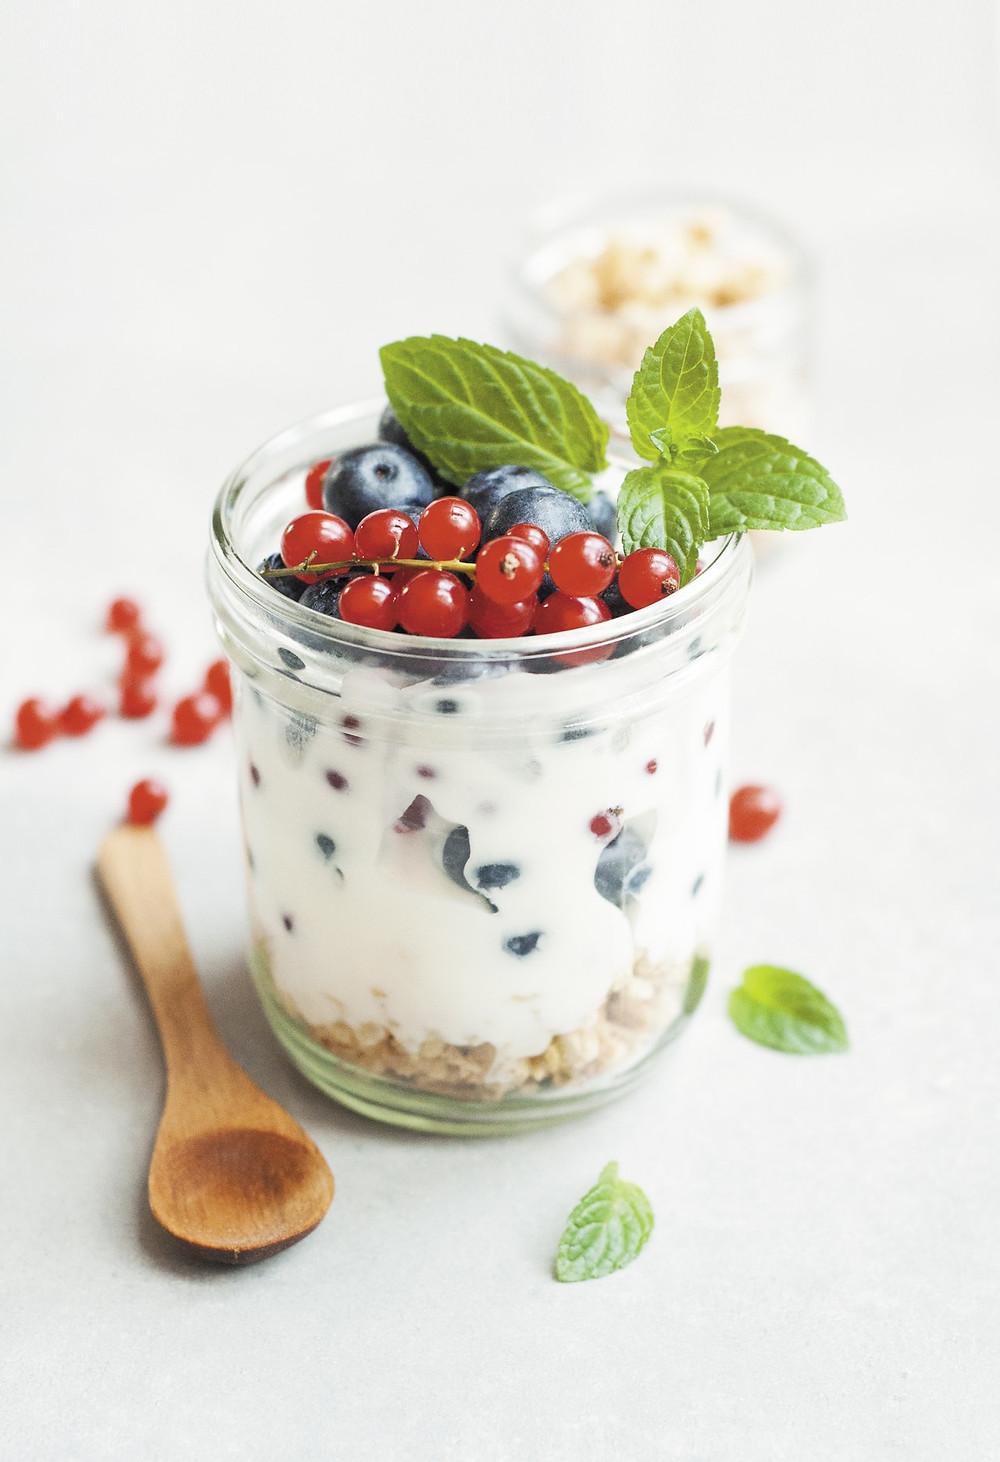 soy yoghurt berries seeds, food healthy gut